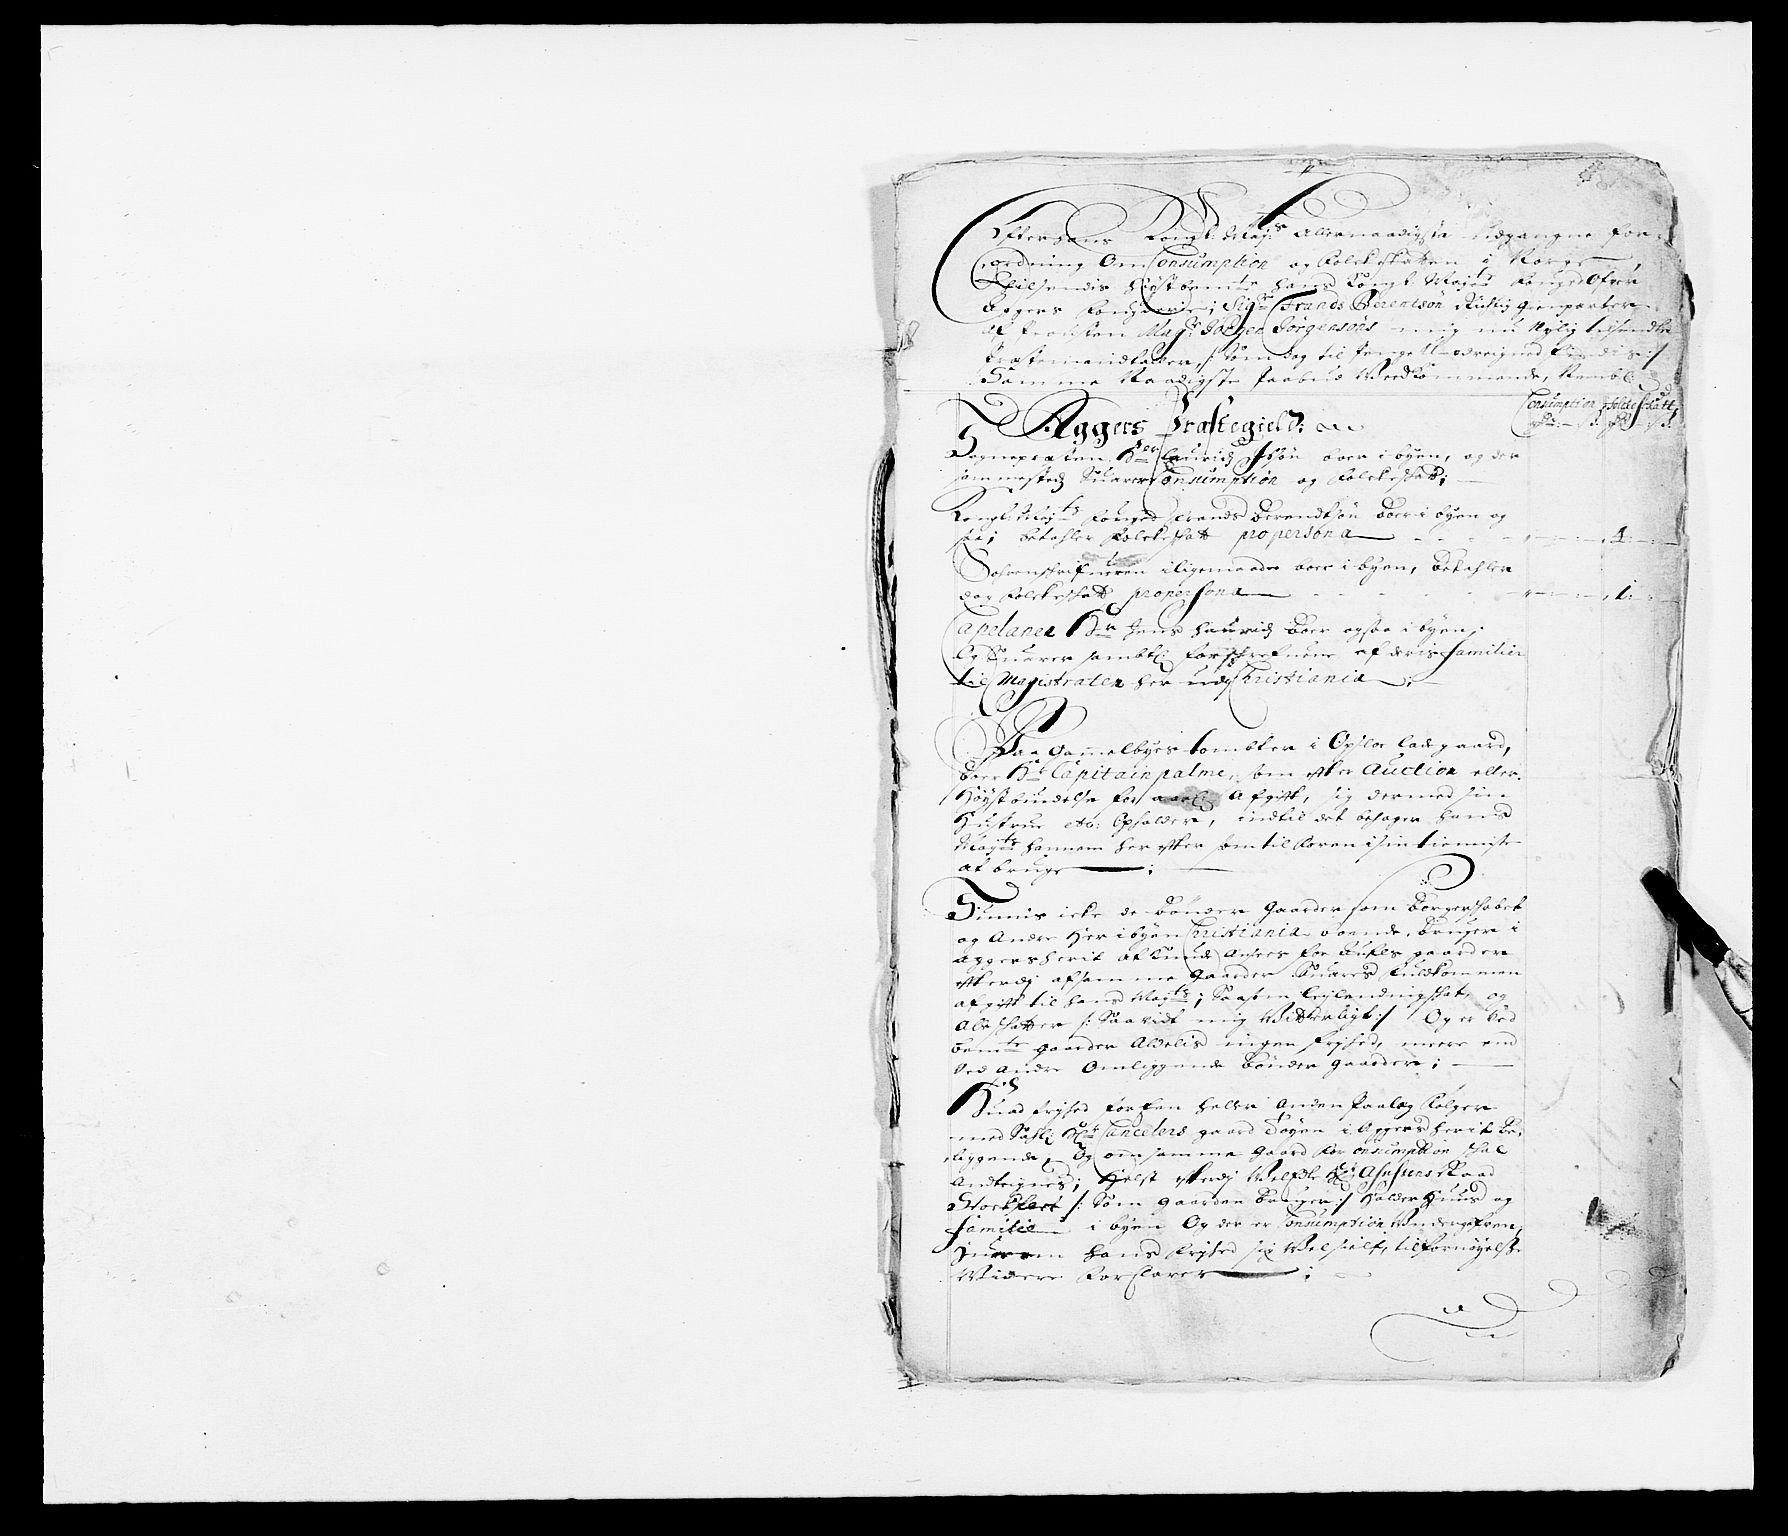 RA, Rentekammeret inntil 1814, Reviderte regnskaper, Fogderegnskap, R08/L0417: Fogderegnskap Aker, 1678-1681, s. 281